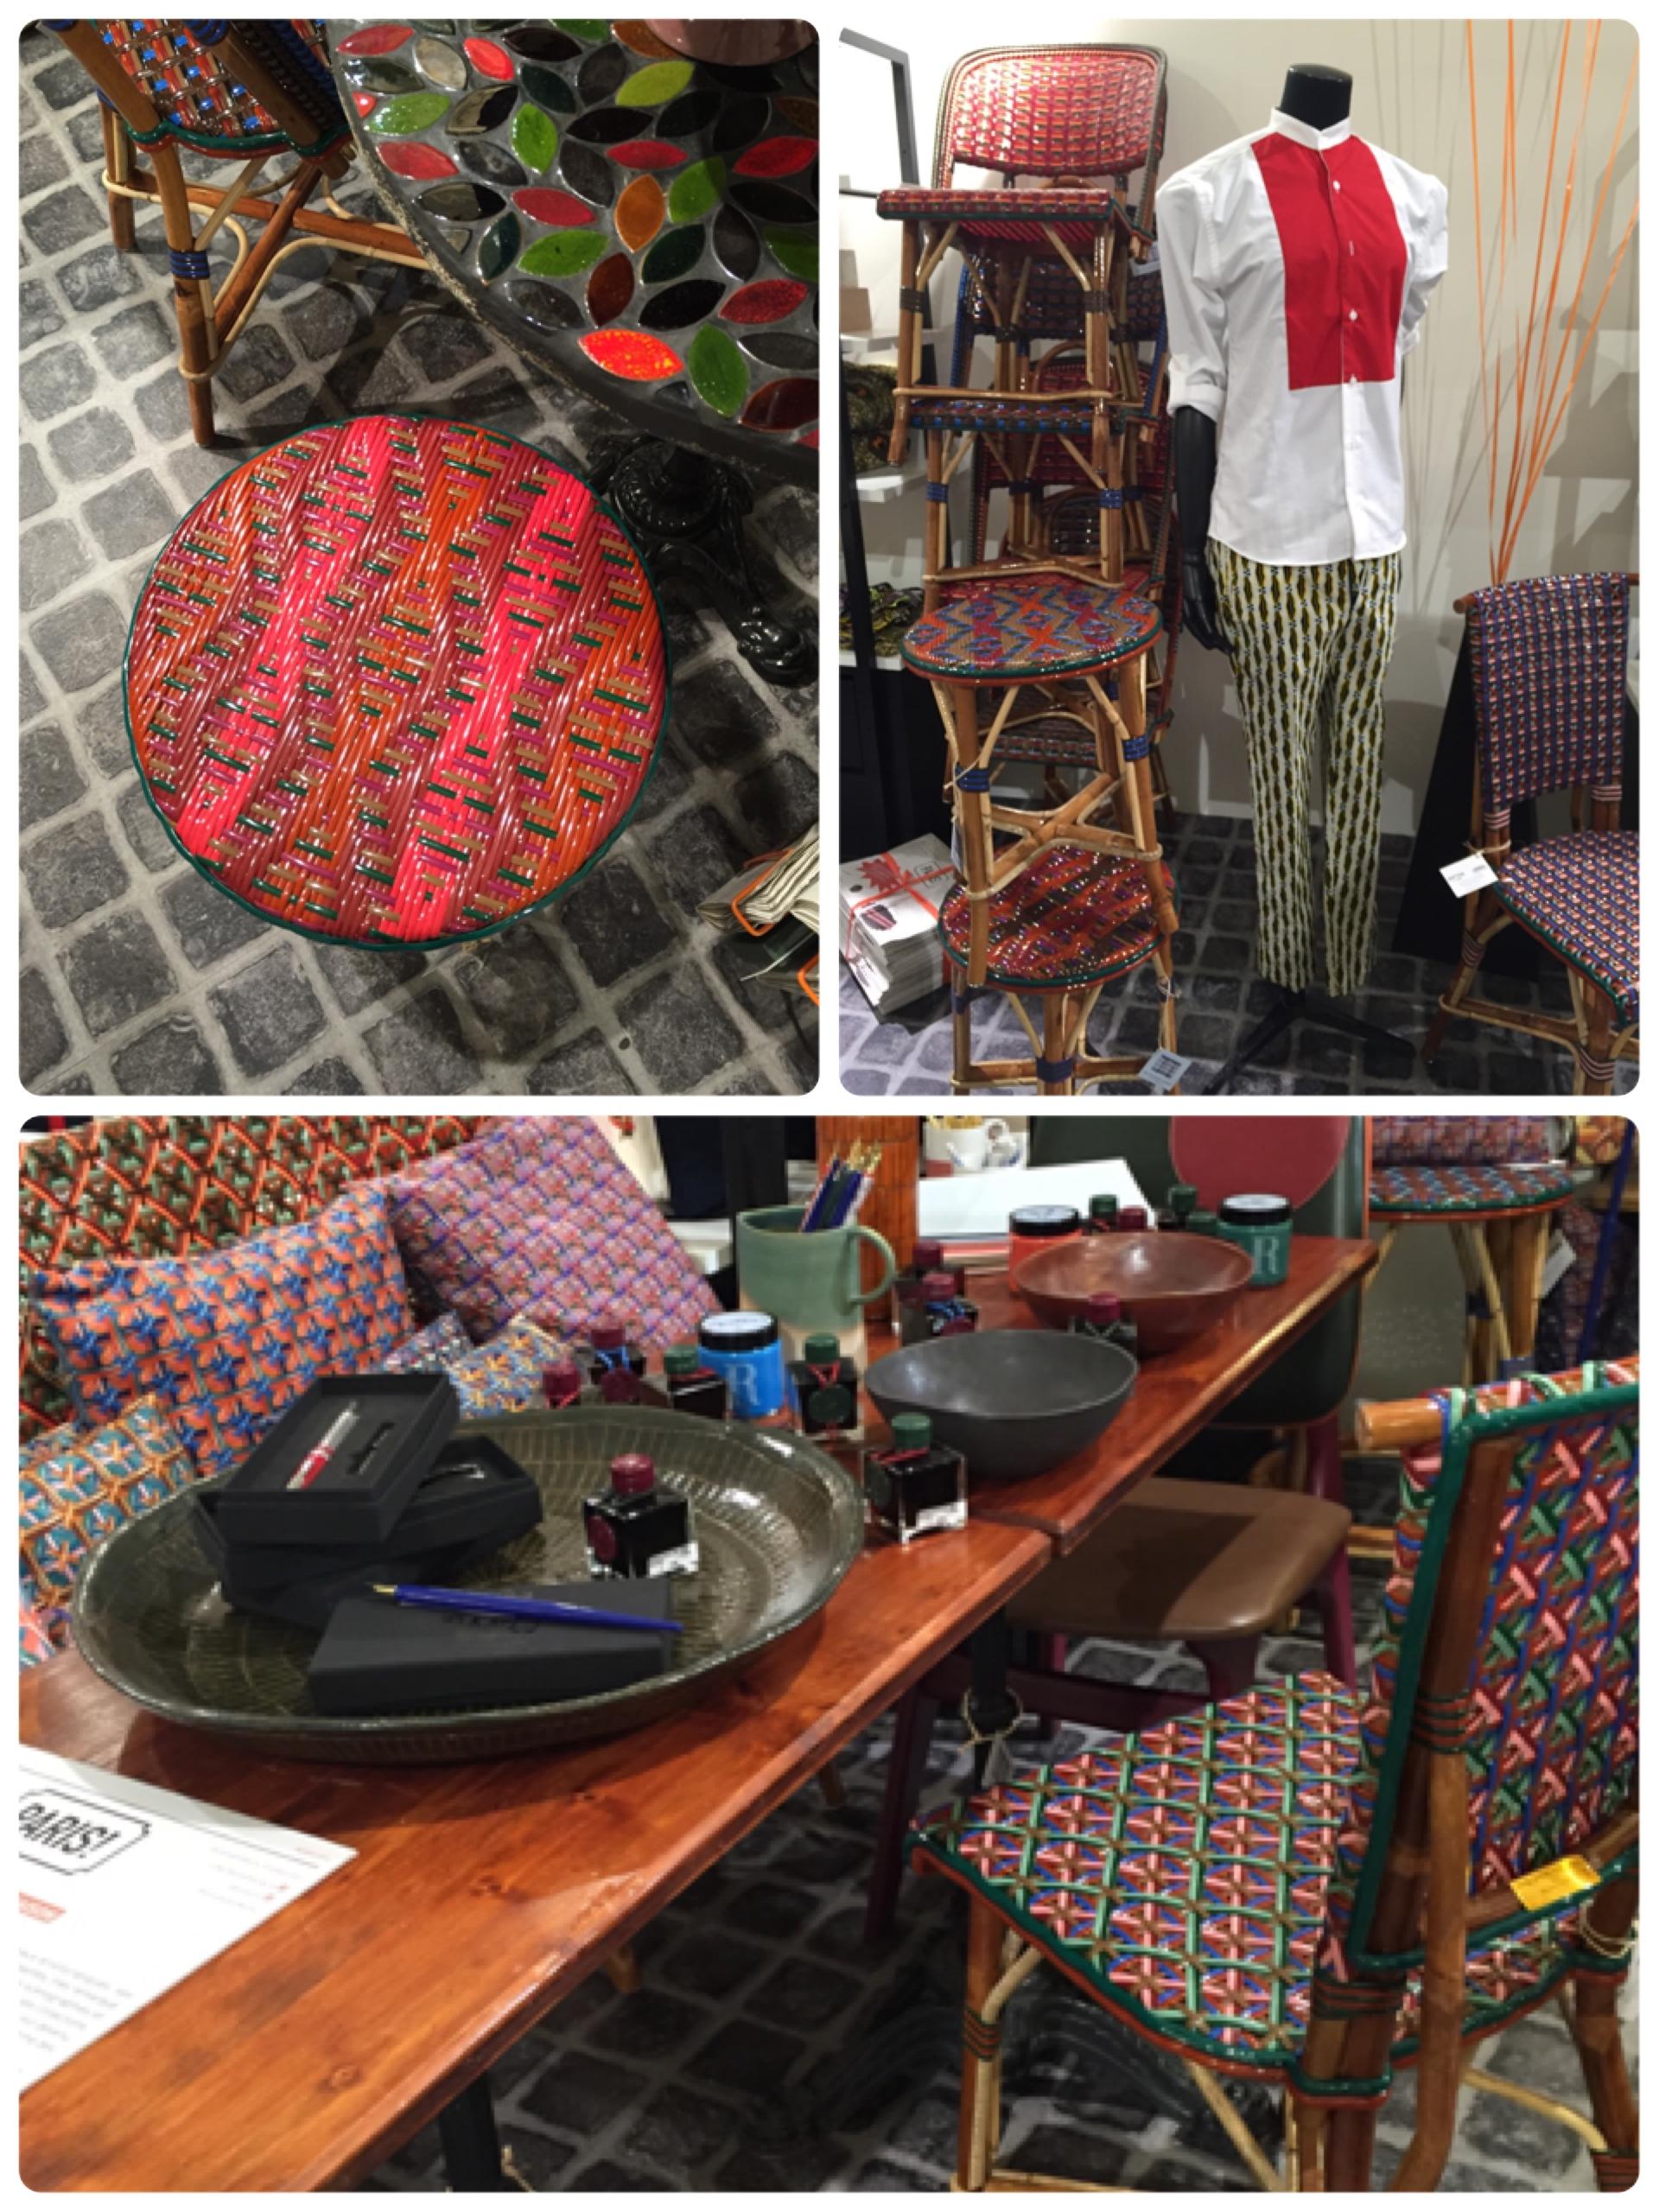 這次發現傳統的 Bistro 藤椅顏色變的好鮮豔,編織的方式與與花樣也越來越多變,覺得很可愛。